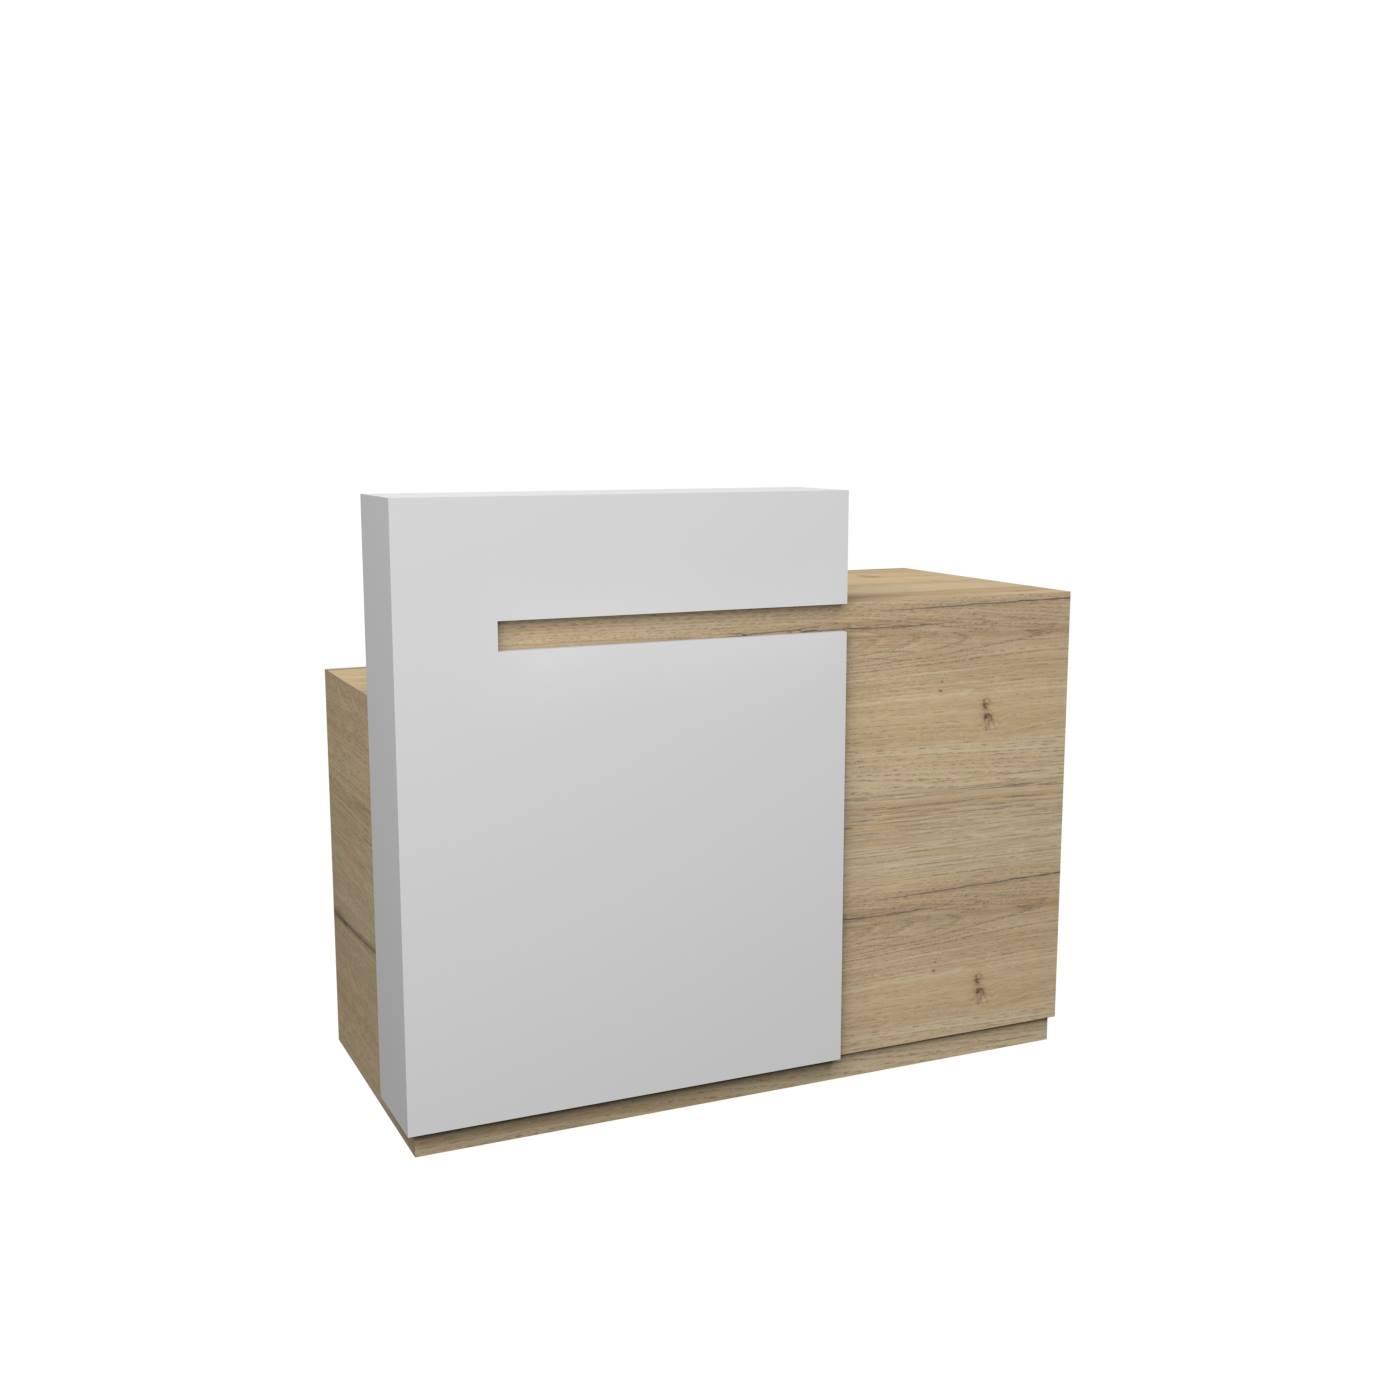 ρεσεψιον καταστηματος ξυλινη